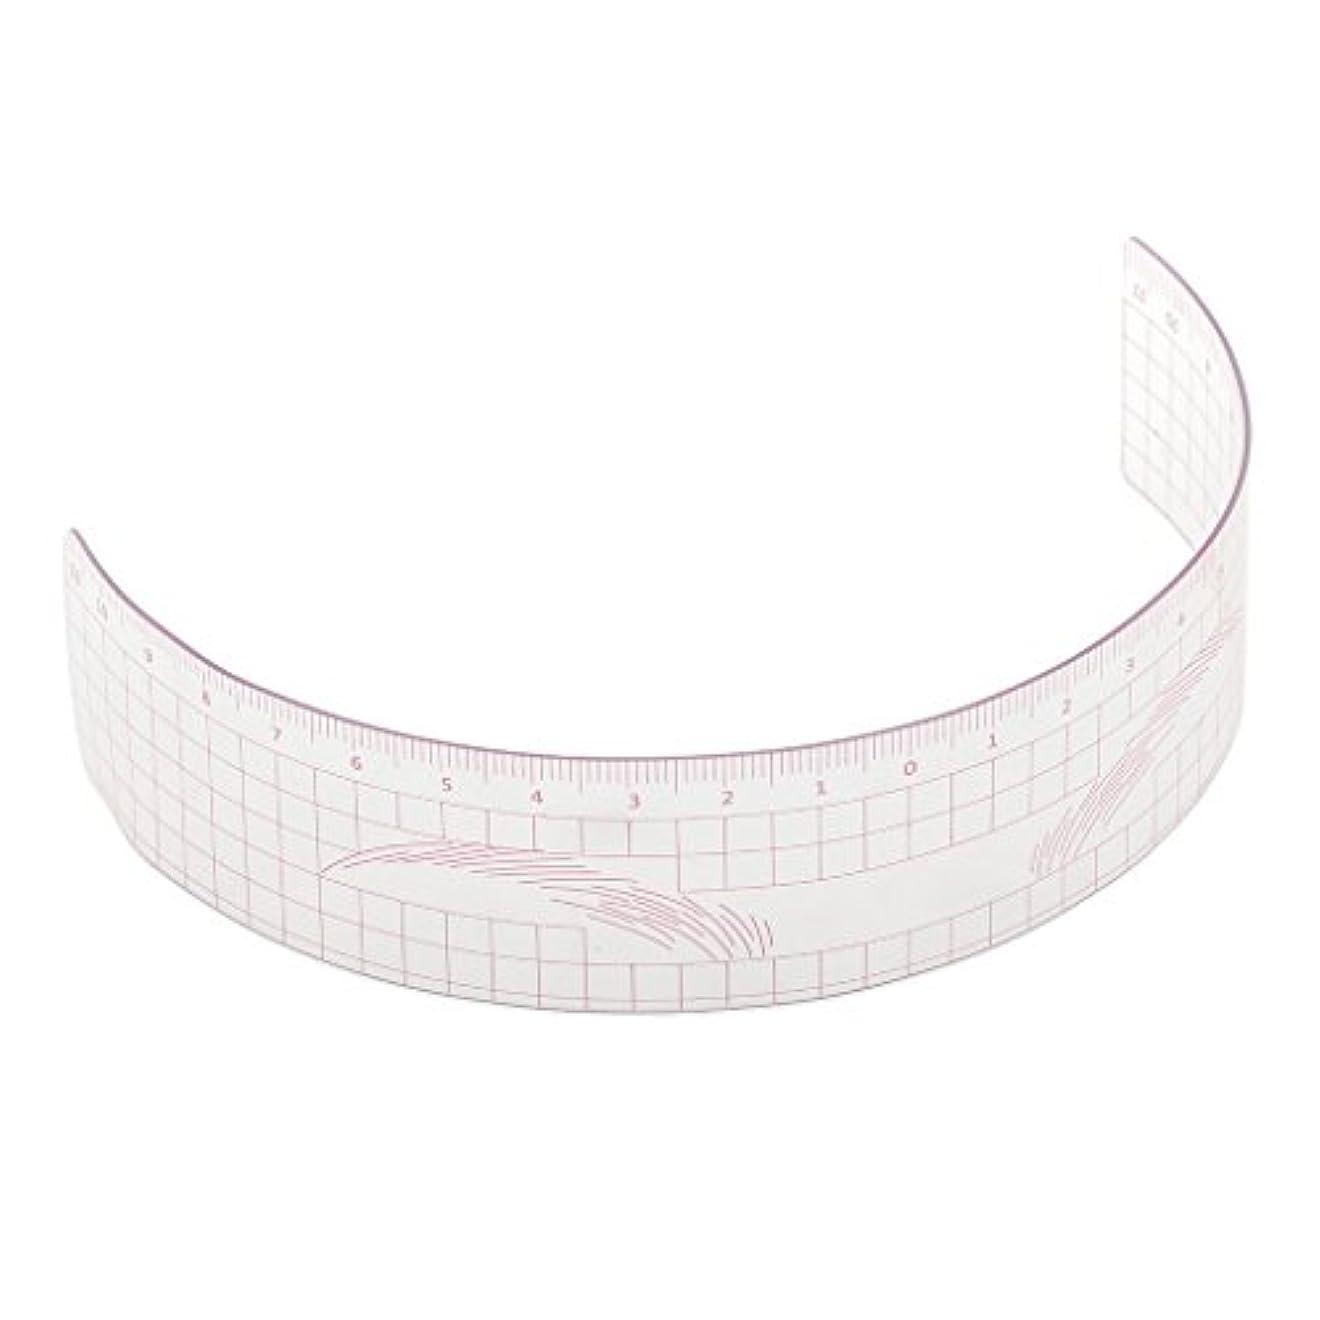 コマース時系列ぜいたく眉毛の定規 眉毛ステンシル 眉毛ルーラー 測定用 ルーラー マイクロブレード 再利用可能 全3色 - ピンク